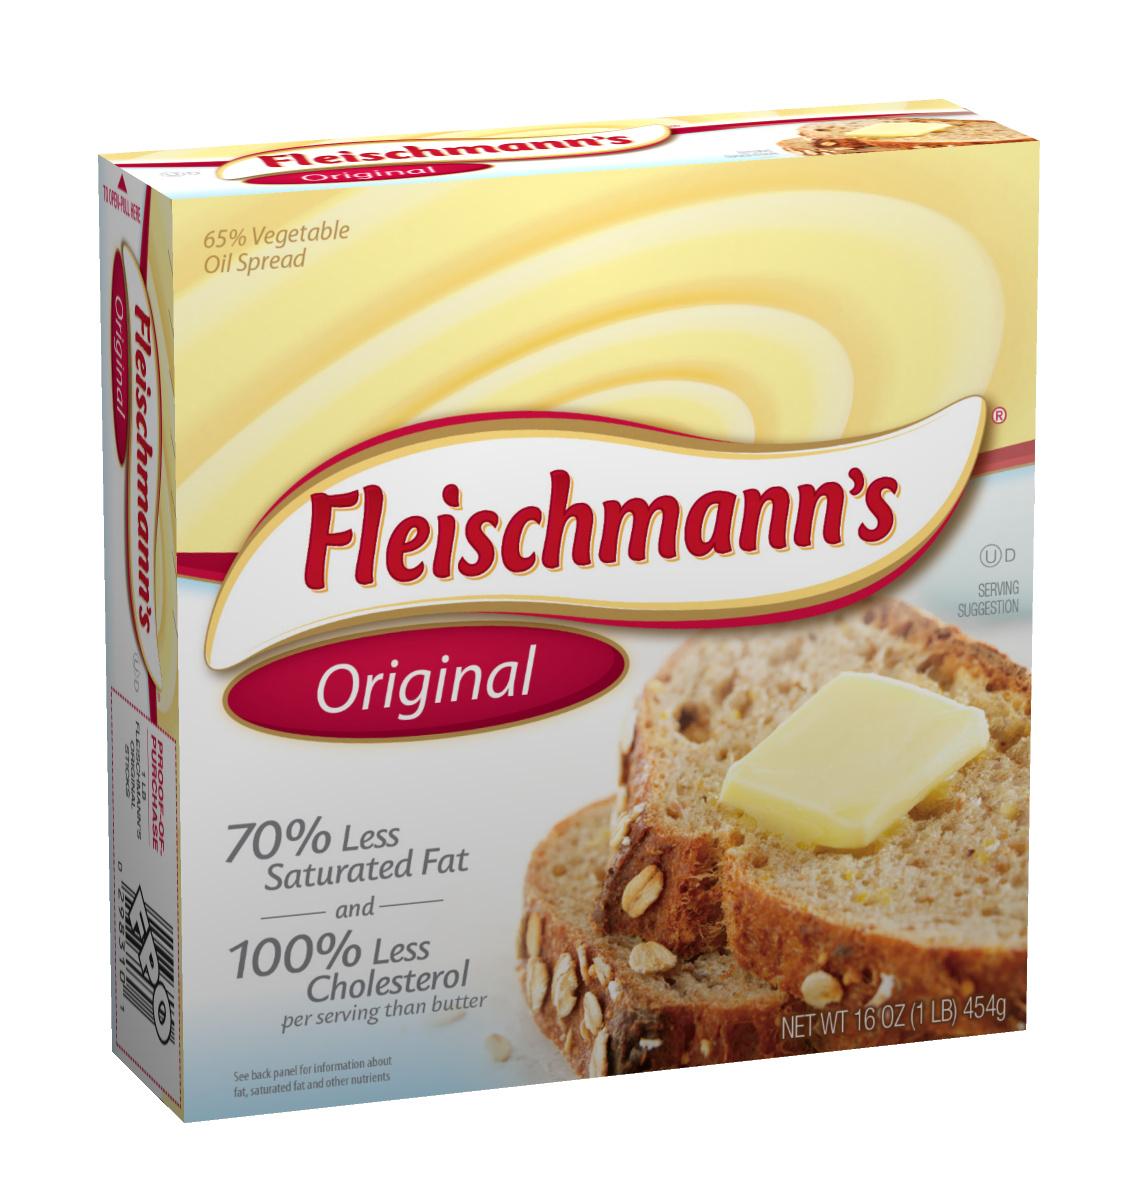 Fleischmann's Original Margarine, 16 oz